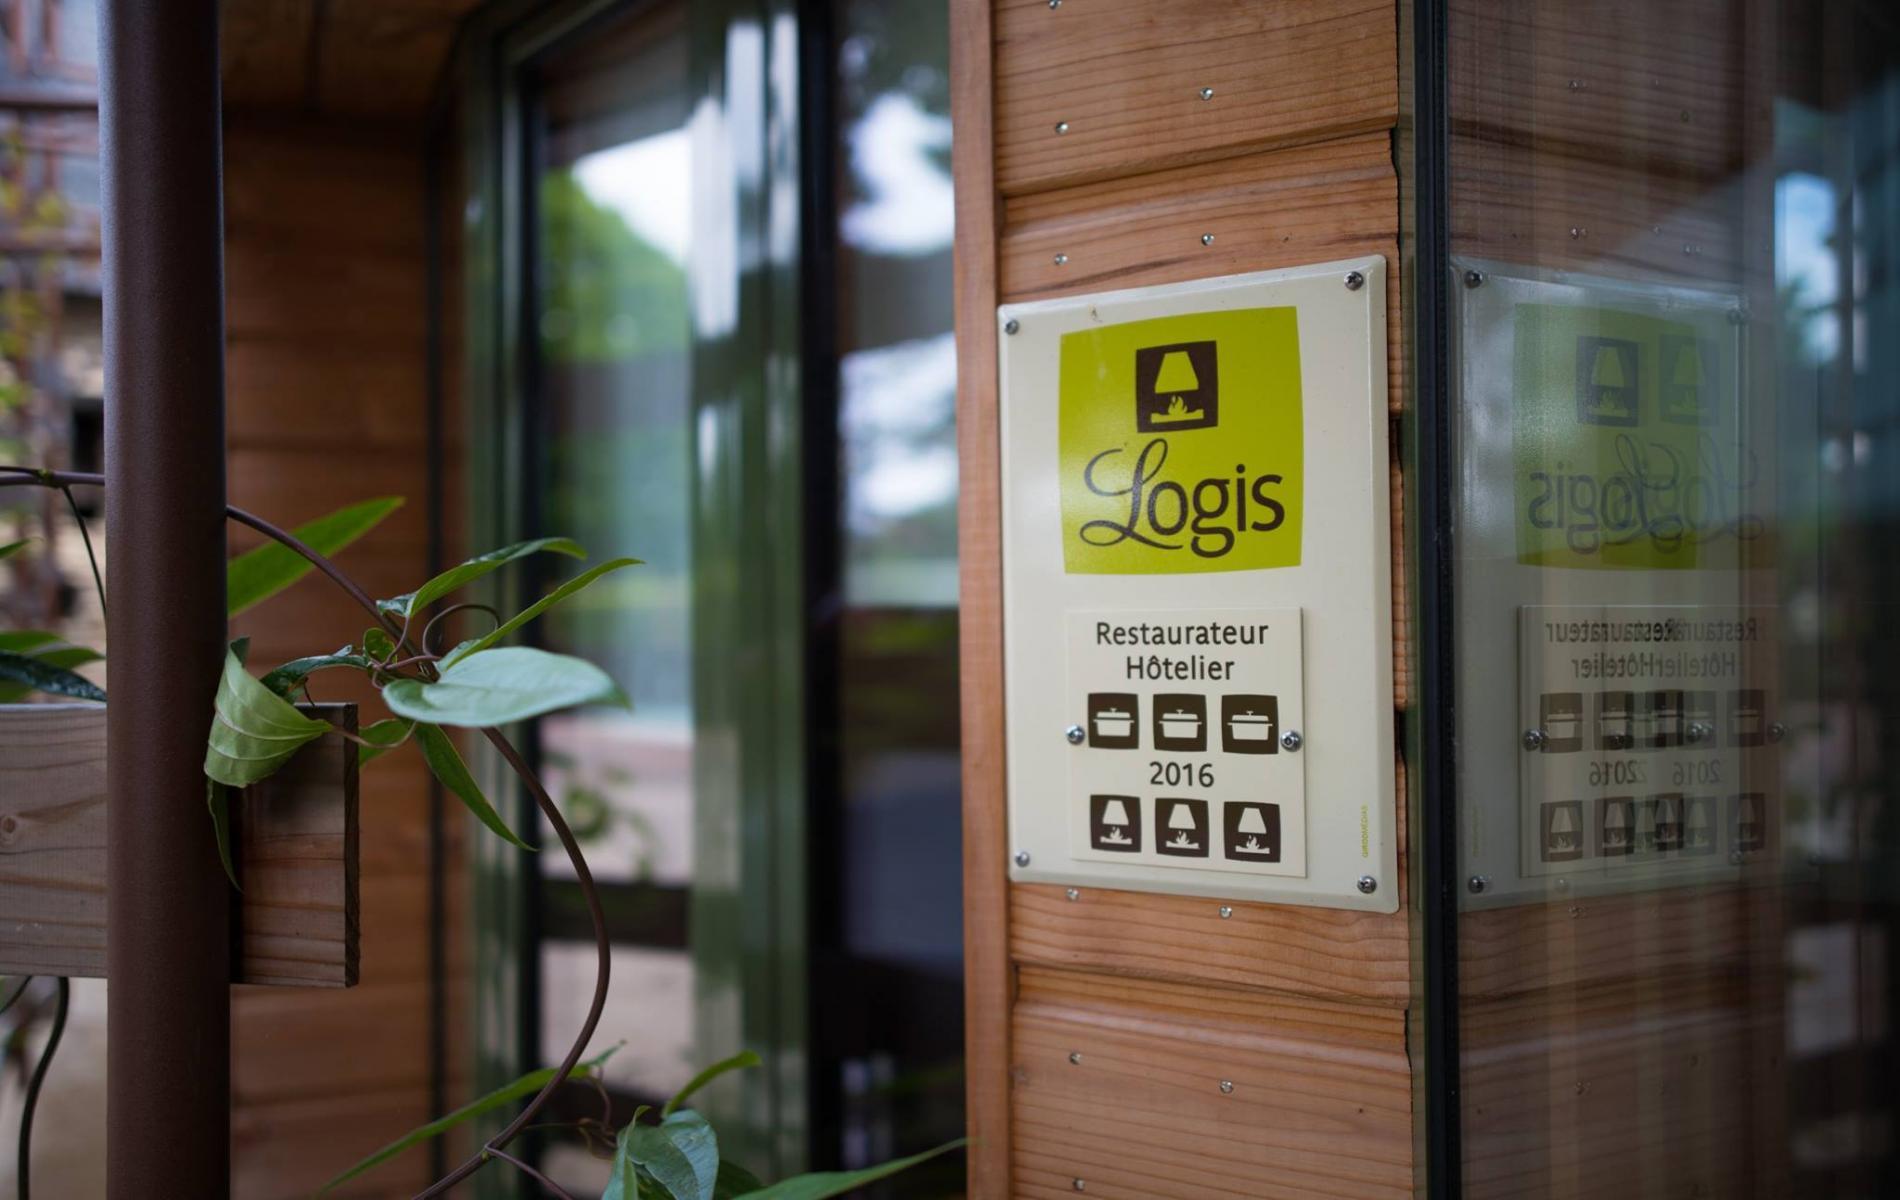 HOTEL LOGIS 3 CHEMINEES ET RESTAURANT GASTRONOMIQUE 3 COCOTTES